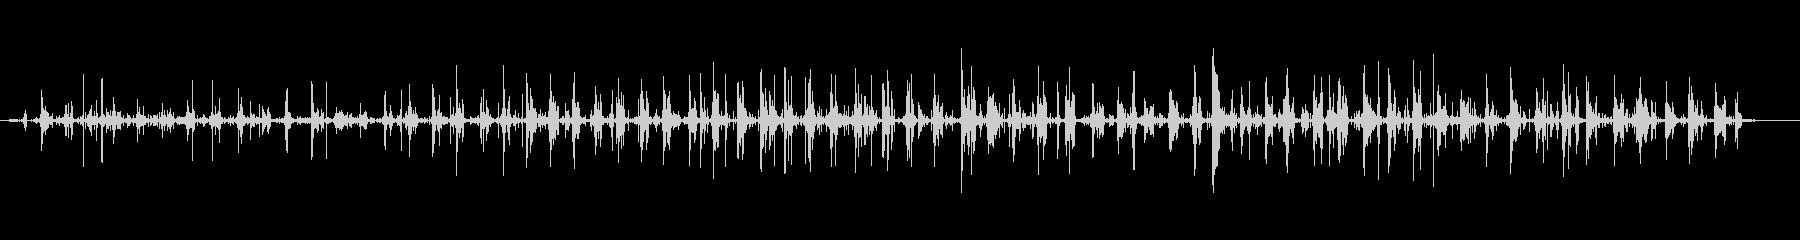 足音、氷、連続、遅い; DIGIF...の未再生の波形